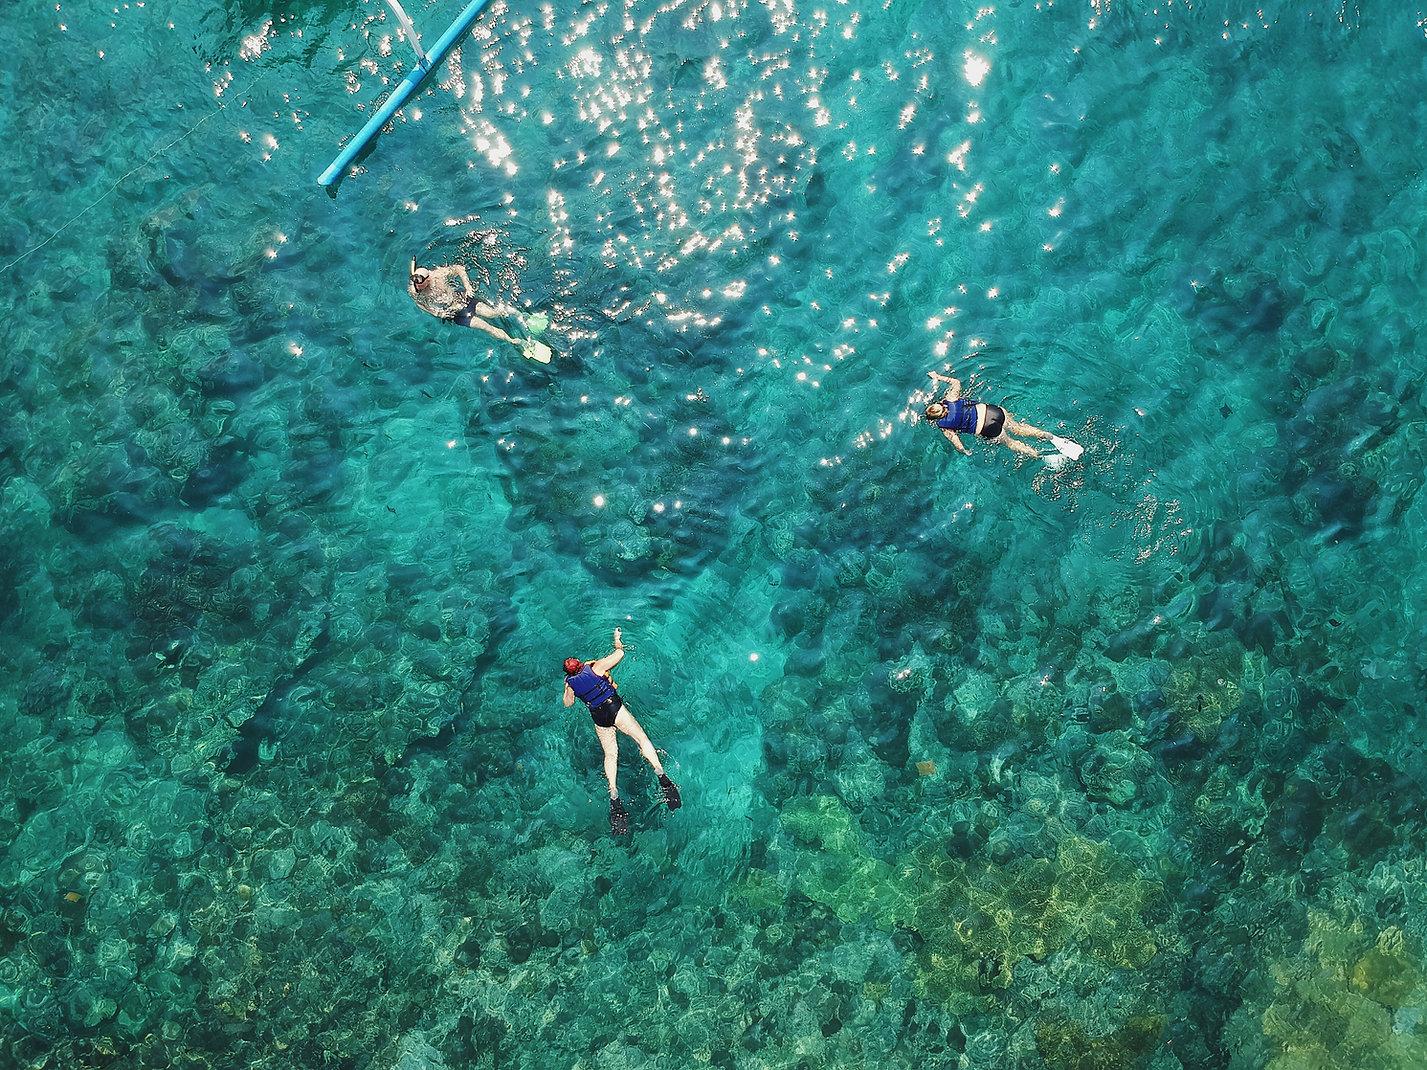 Kayak Snorkeling Tour Mini Eco Adventure Pirate Snorkeling Shack Fajardo Puerto Rico